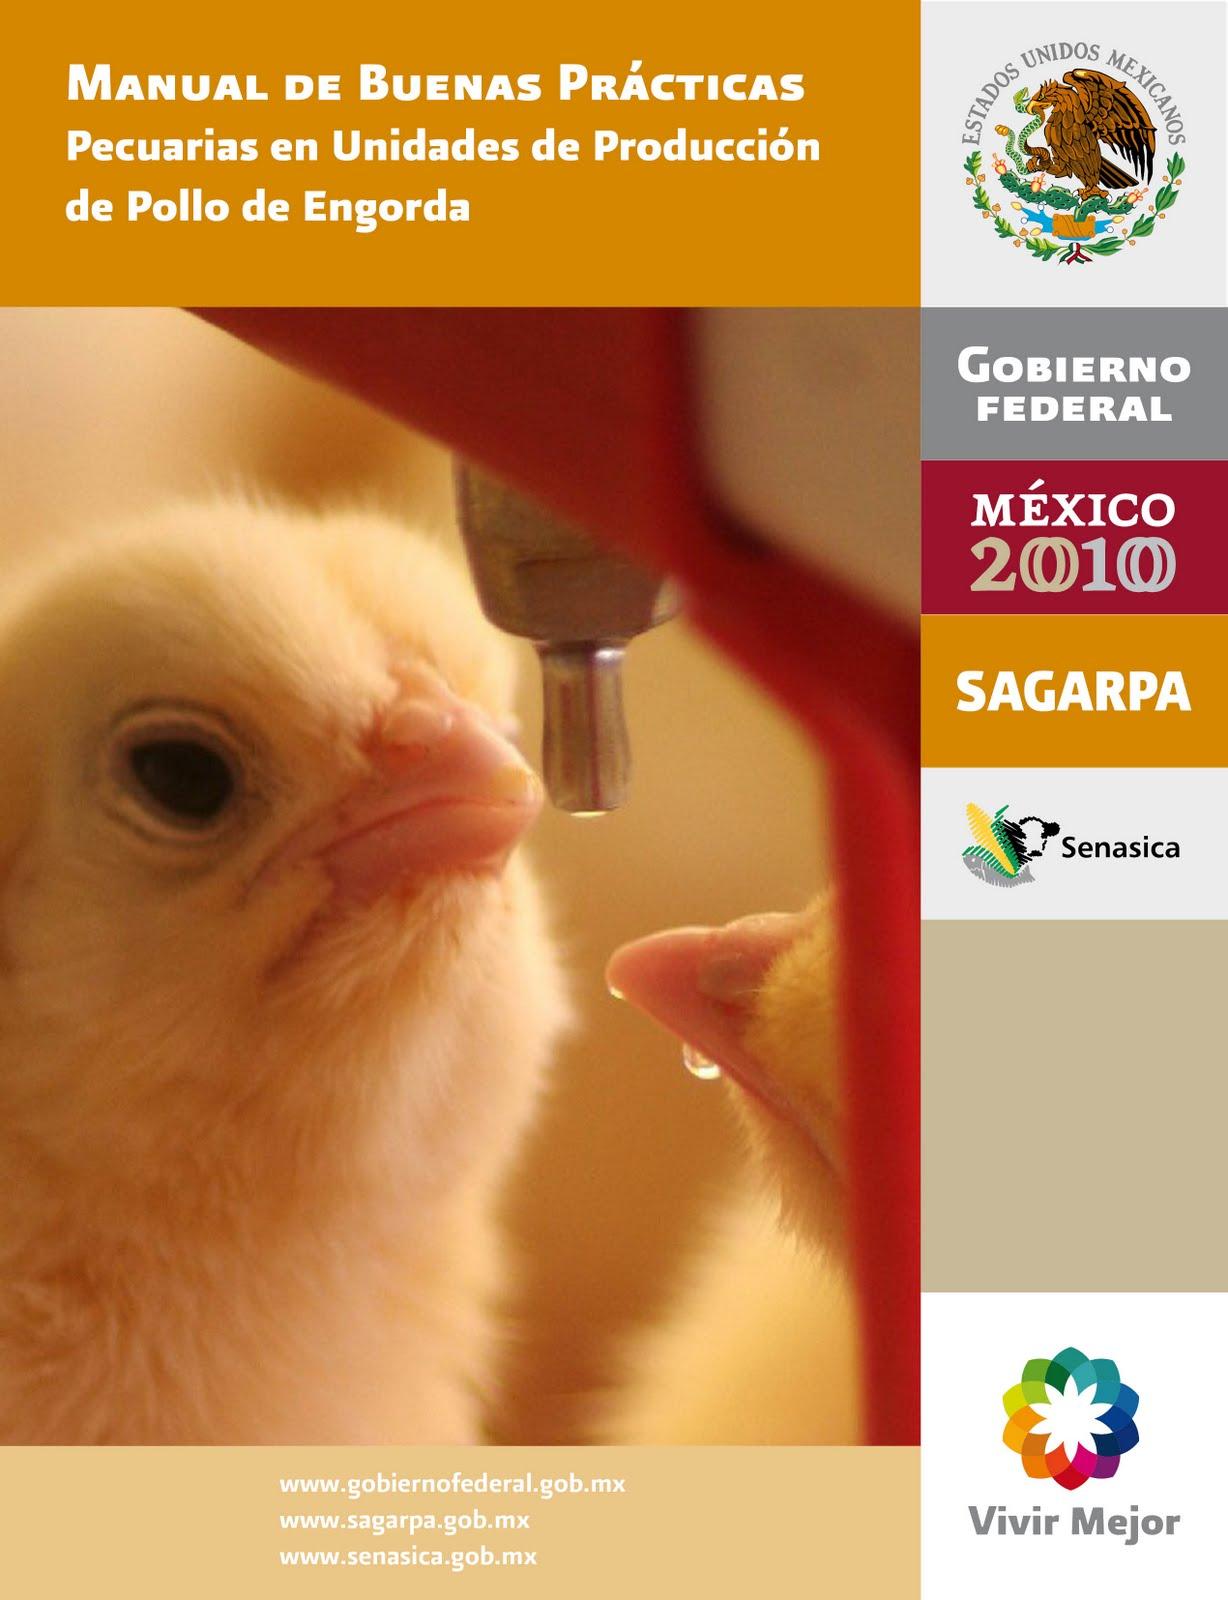 Hades manual buenas pr cticas pecuarias pollo engorda esp Manual de buenas practicas de manufactura pdf